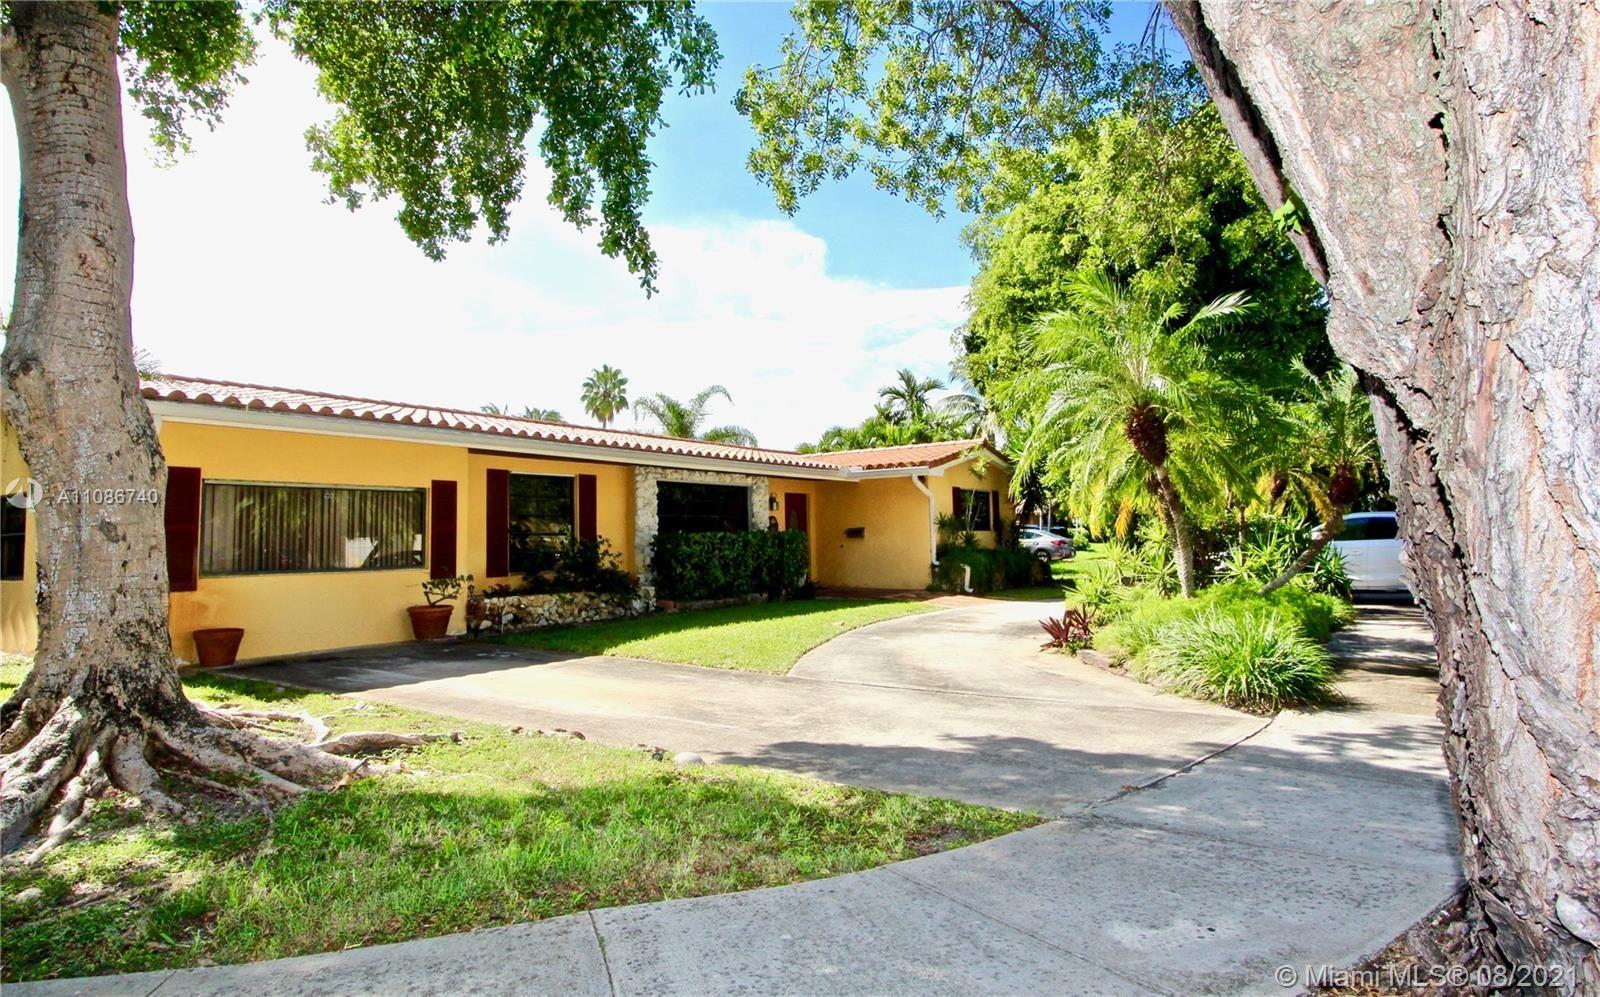 19692 NE 23rd Ct, Miami, FL 33180 - #: A11086740